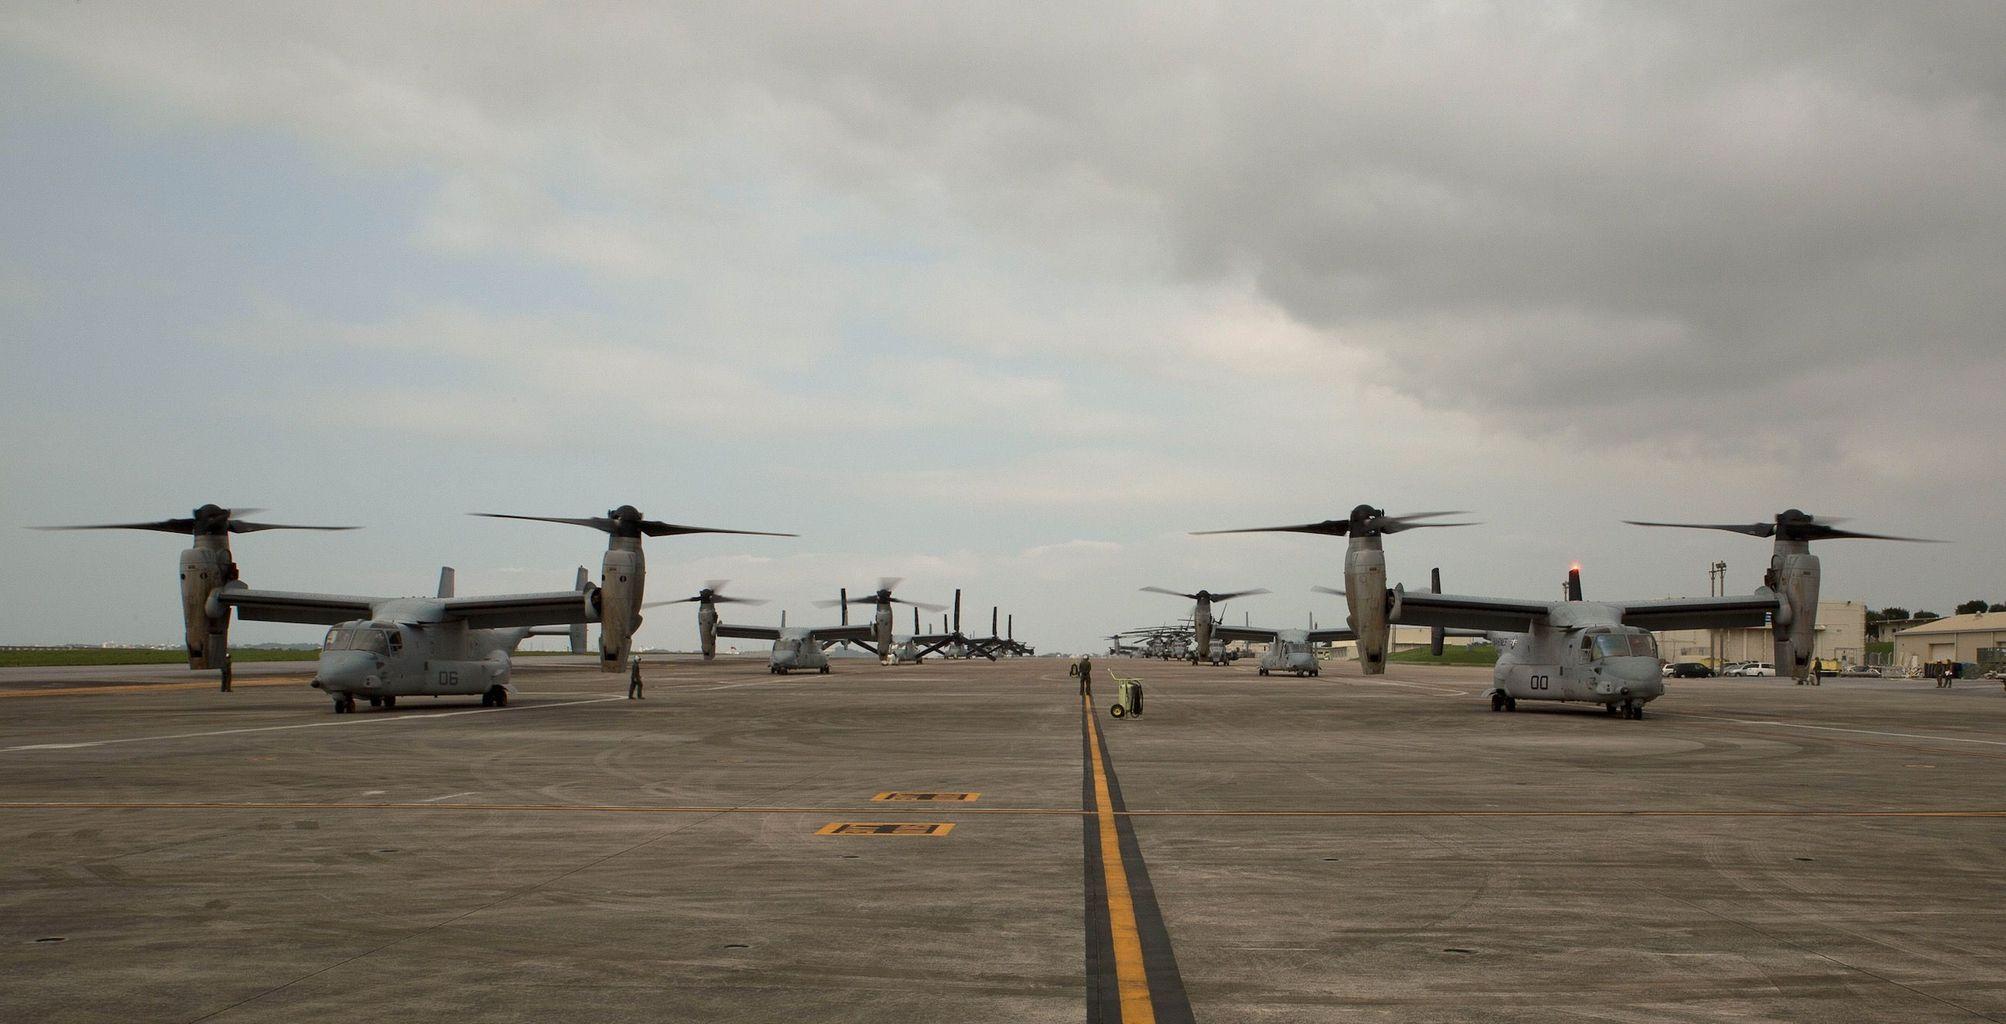 海兵隊の沖縄駐留に米軍関係者の間でも賛否両論海兵隊の配置状況が反している「基本的原則」とは - 安全保障を考える